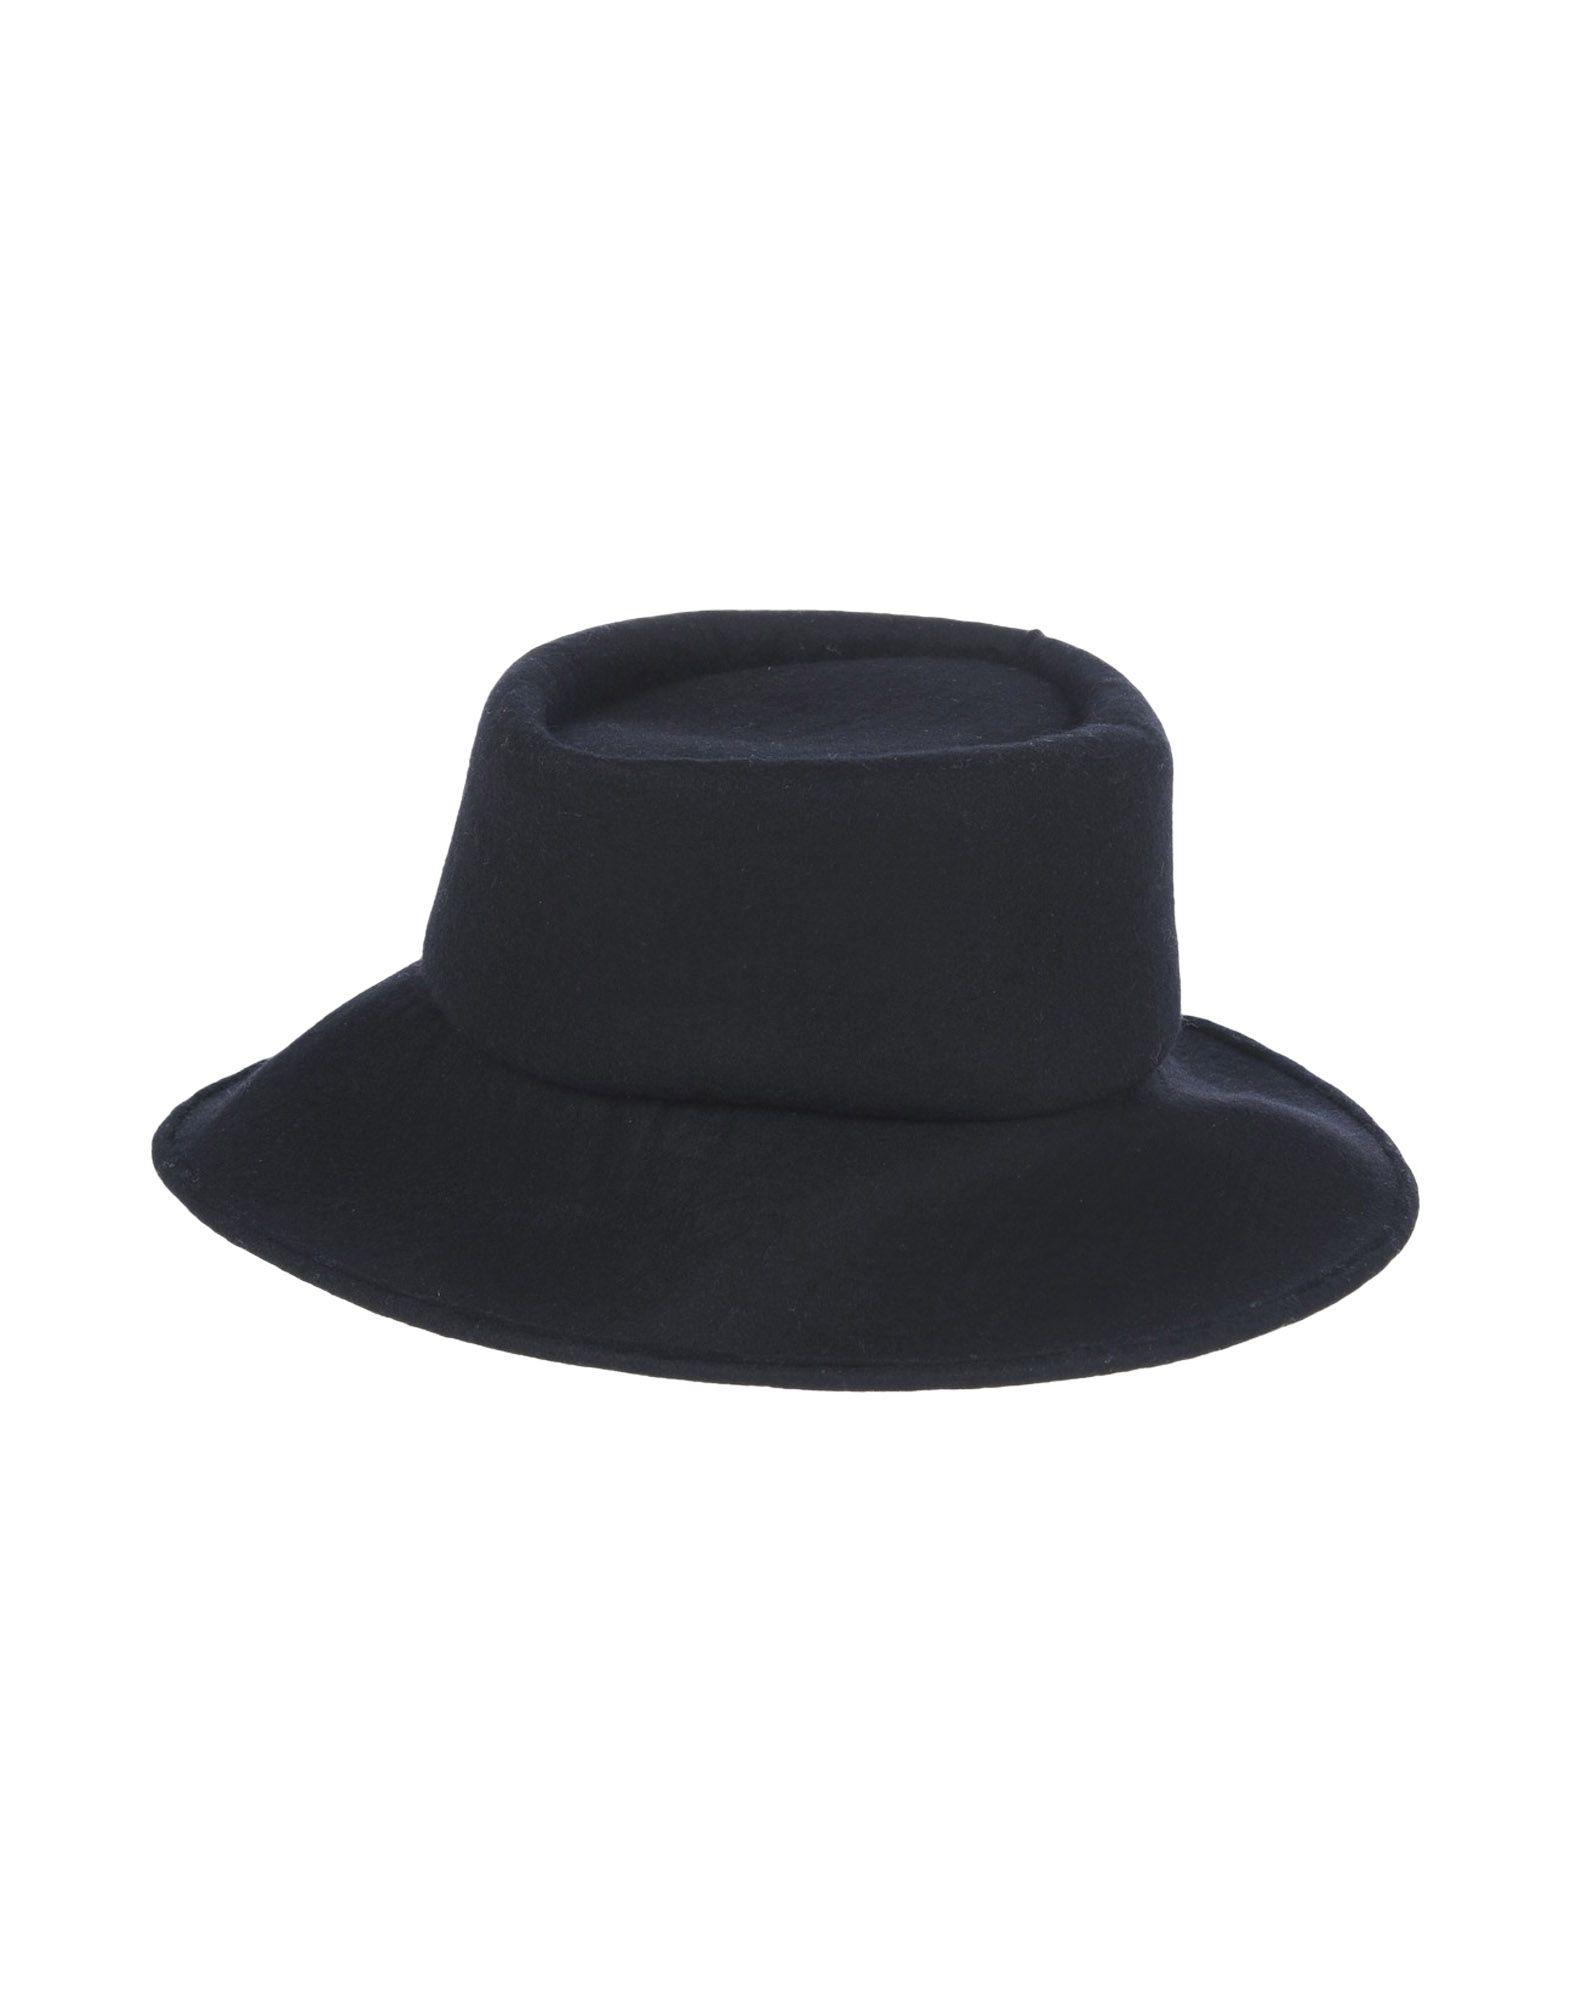 junya watanabe comme des garcons female junya watanabe comme des garcons hats